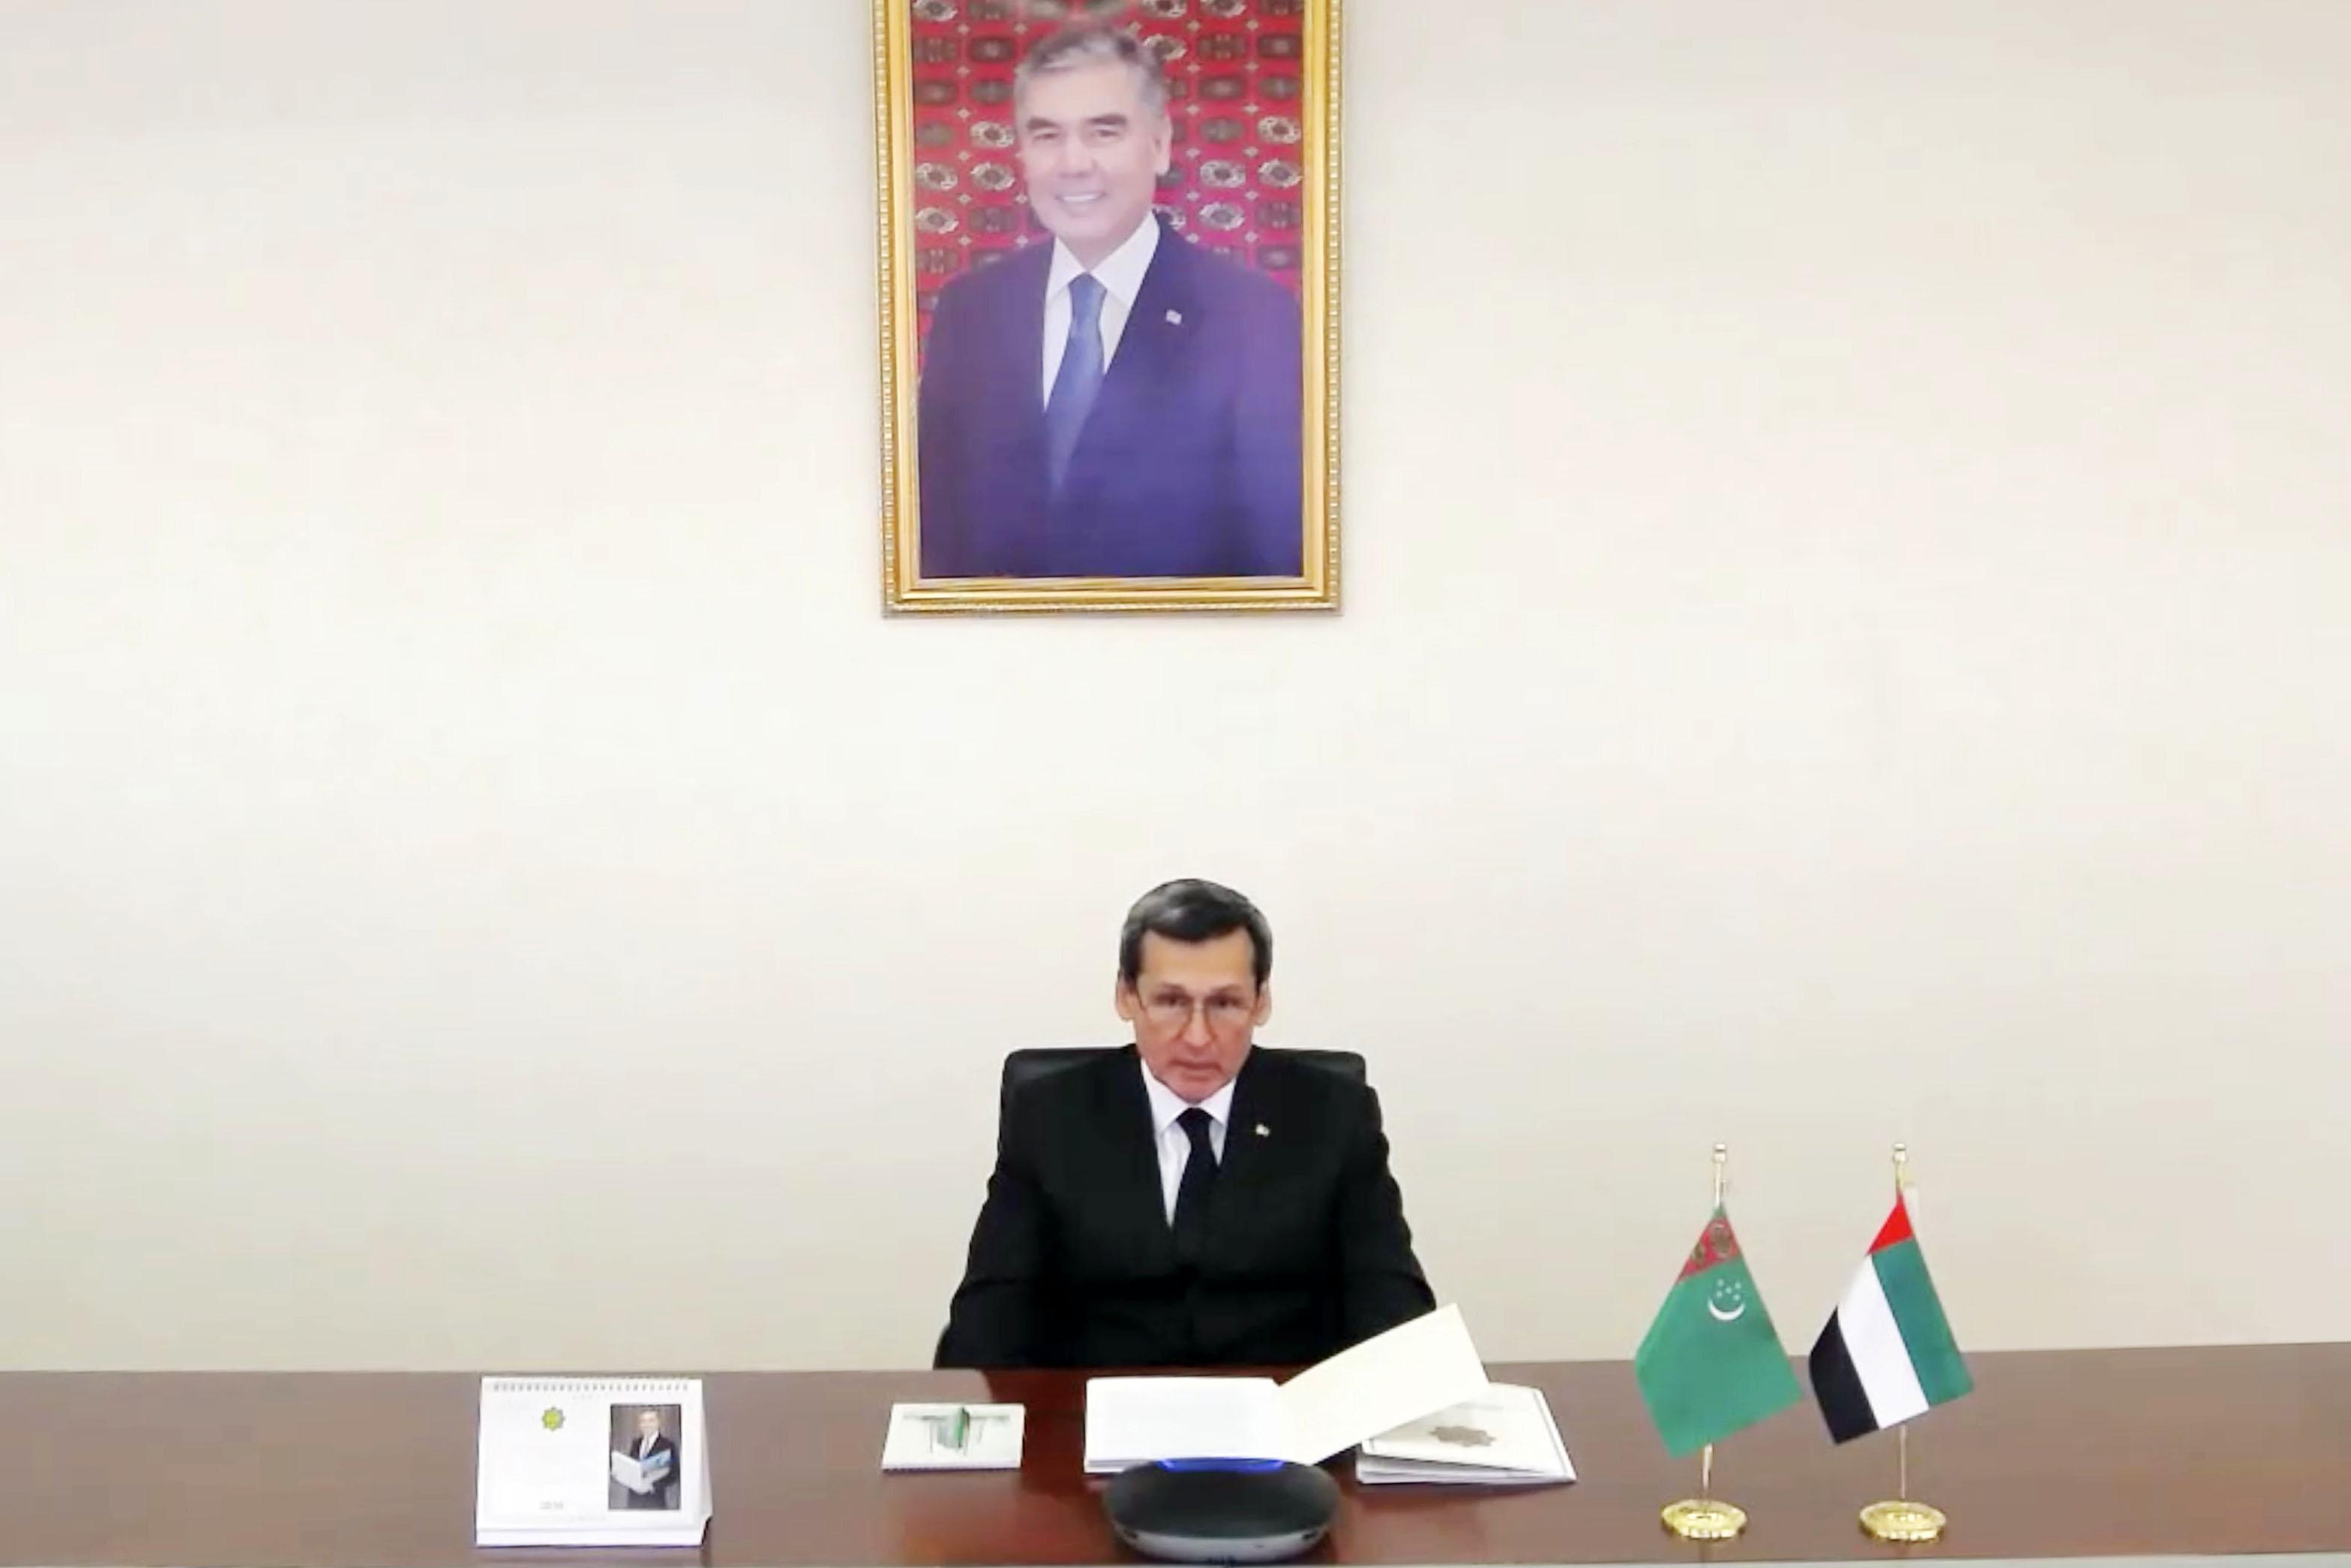 عبدالله بن زايد يترأس جانب الدولة في أعمال الدورة الـ3 للجنة المشتركة الإماراتية - التركمانية